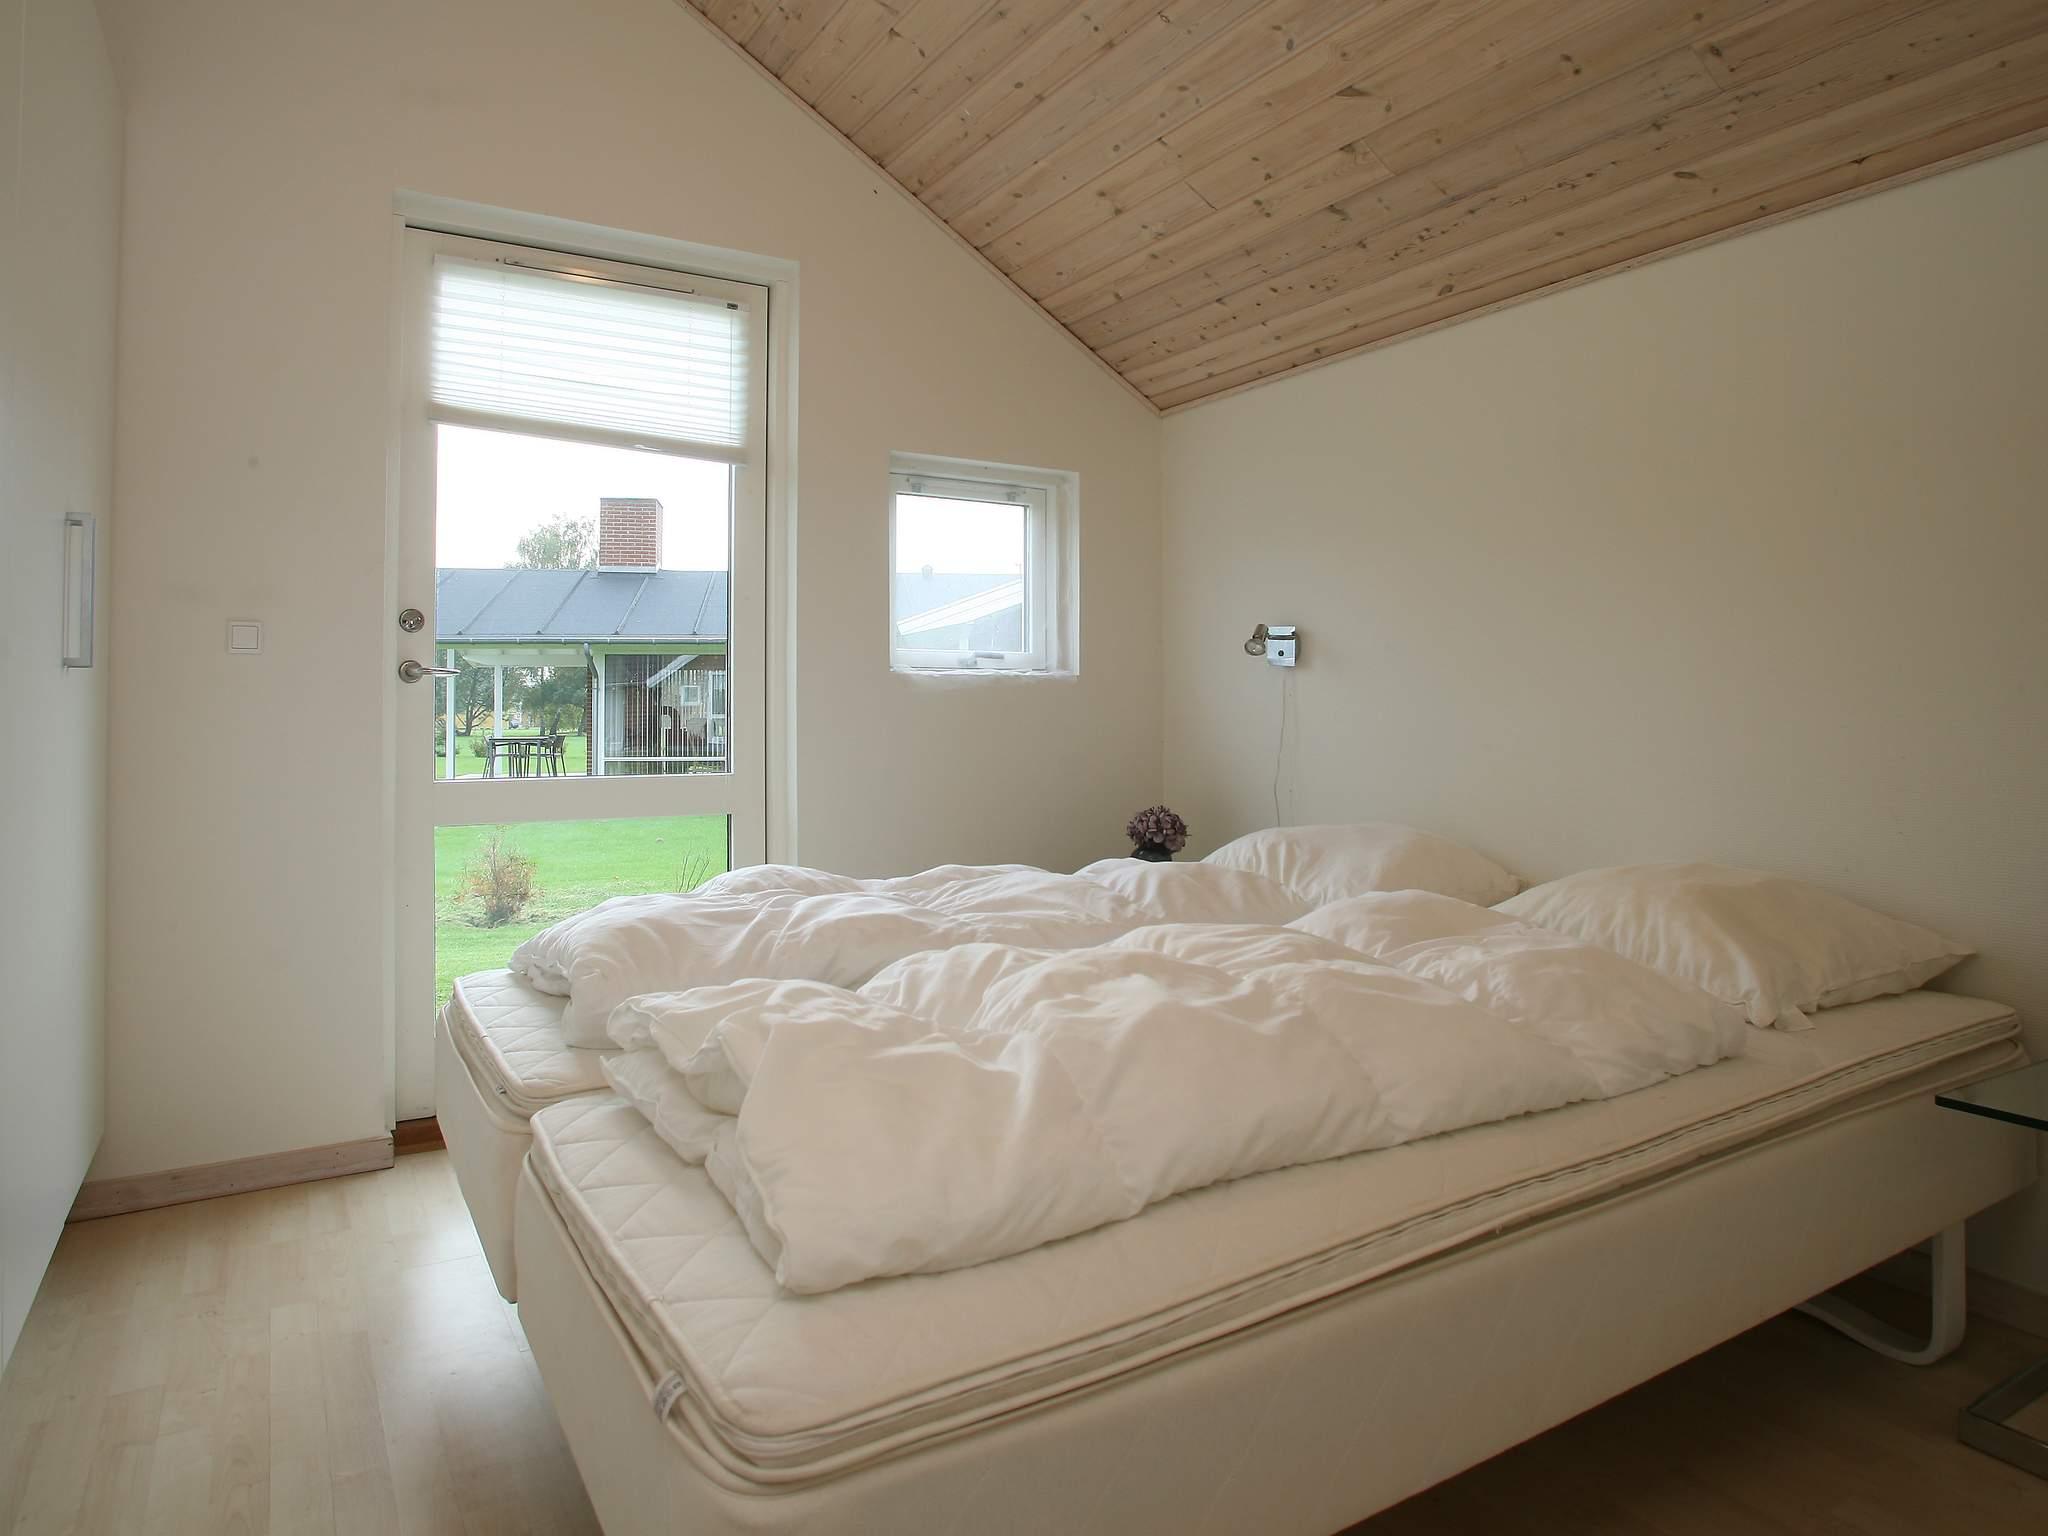 Ferienhaus Ulvshale (428757), Stege, , Møn, Dänemark, Bild 10